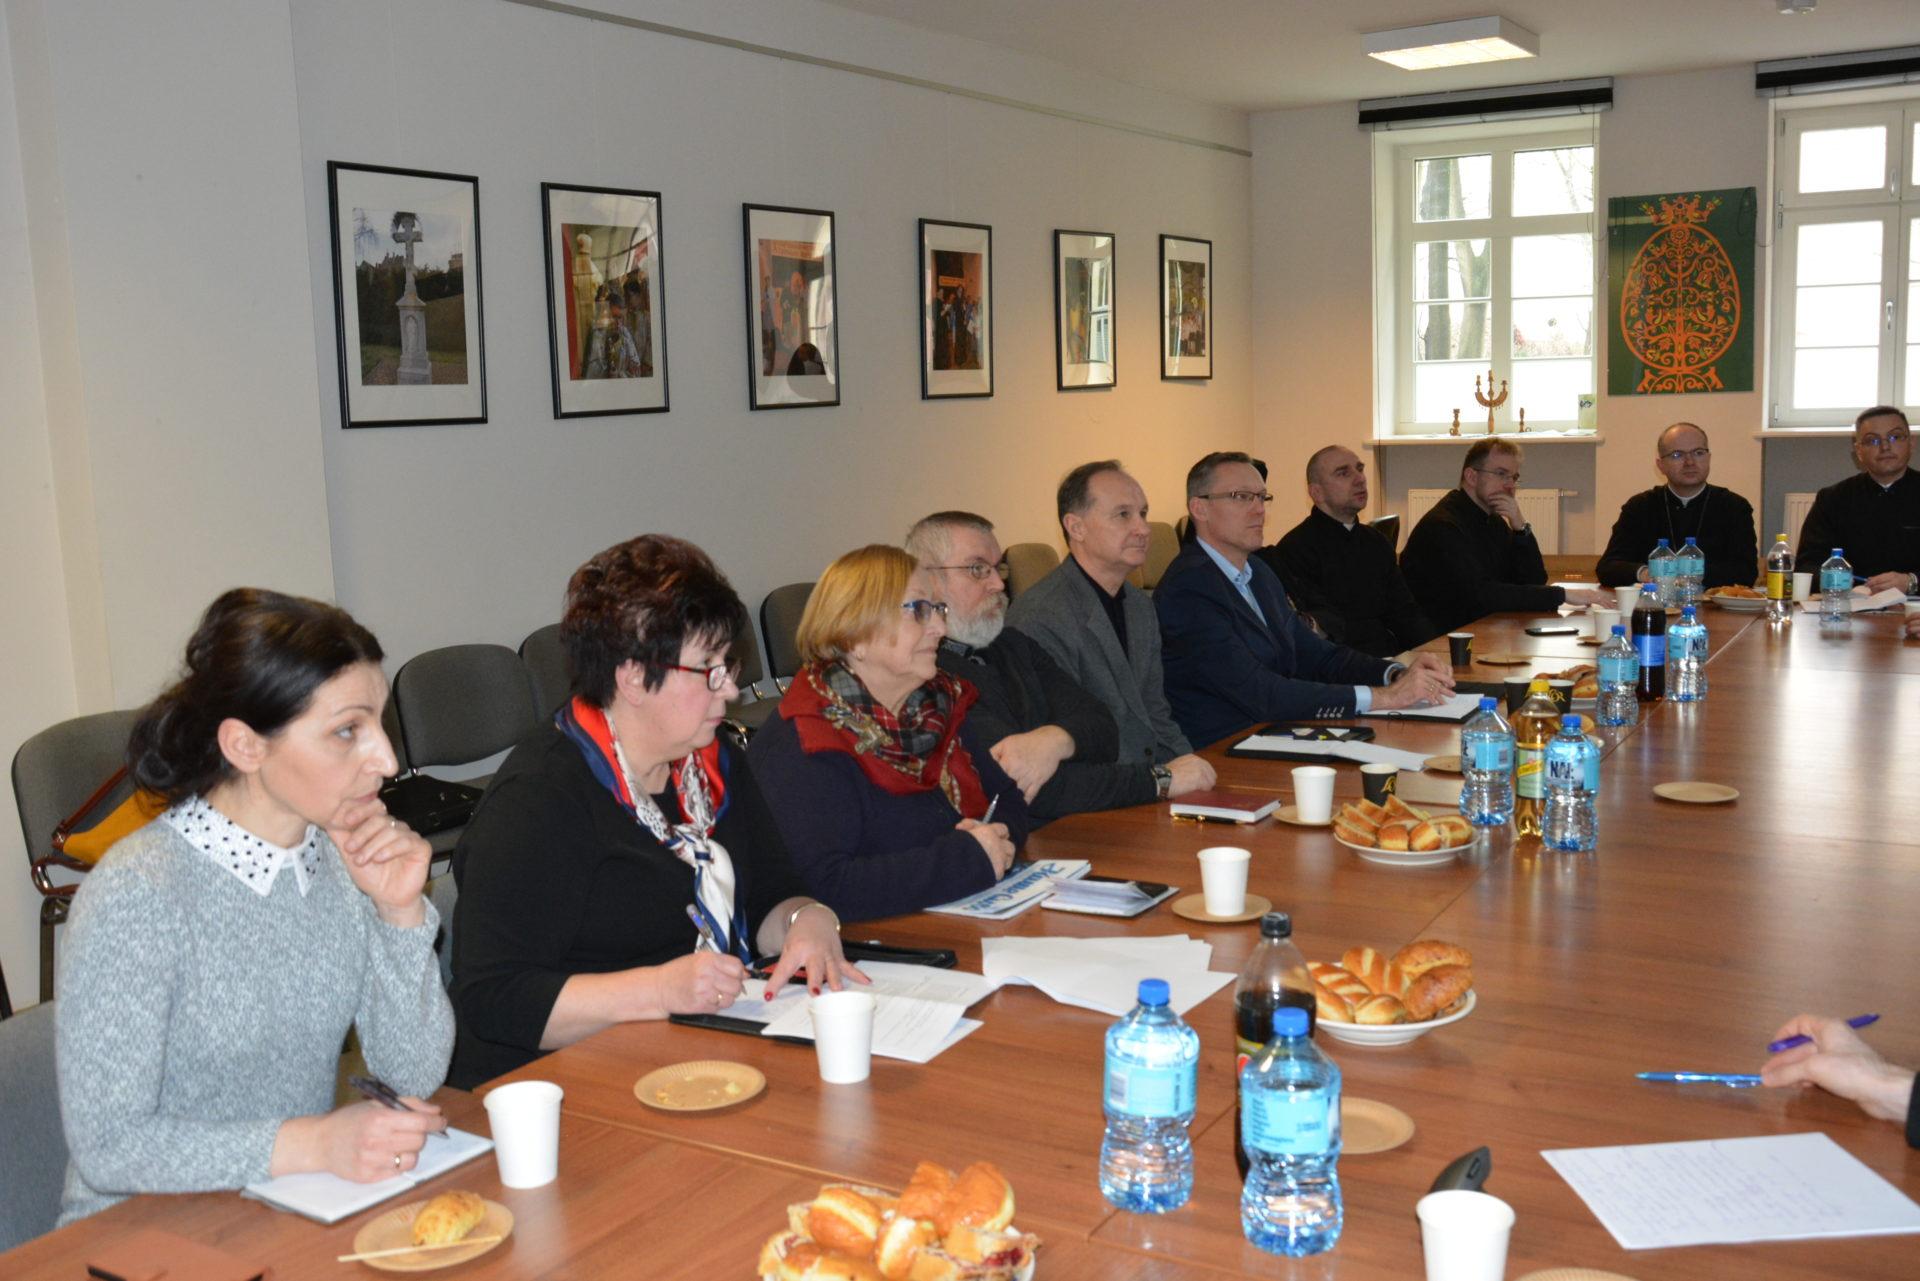 Засідання Душпастирської та Економiчної Рад Вроцлавсько-Ґданської Єпархії